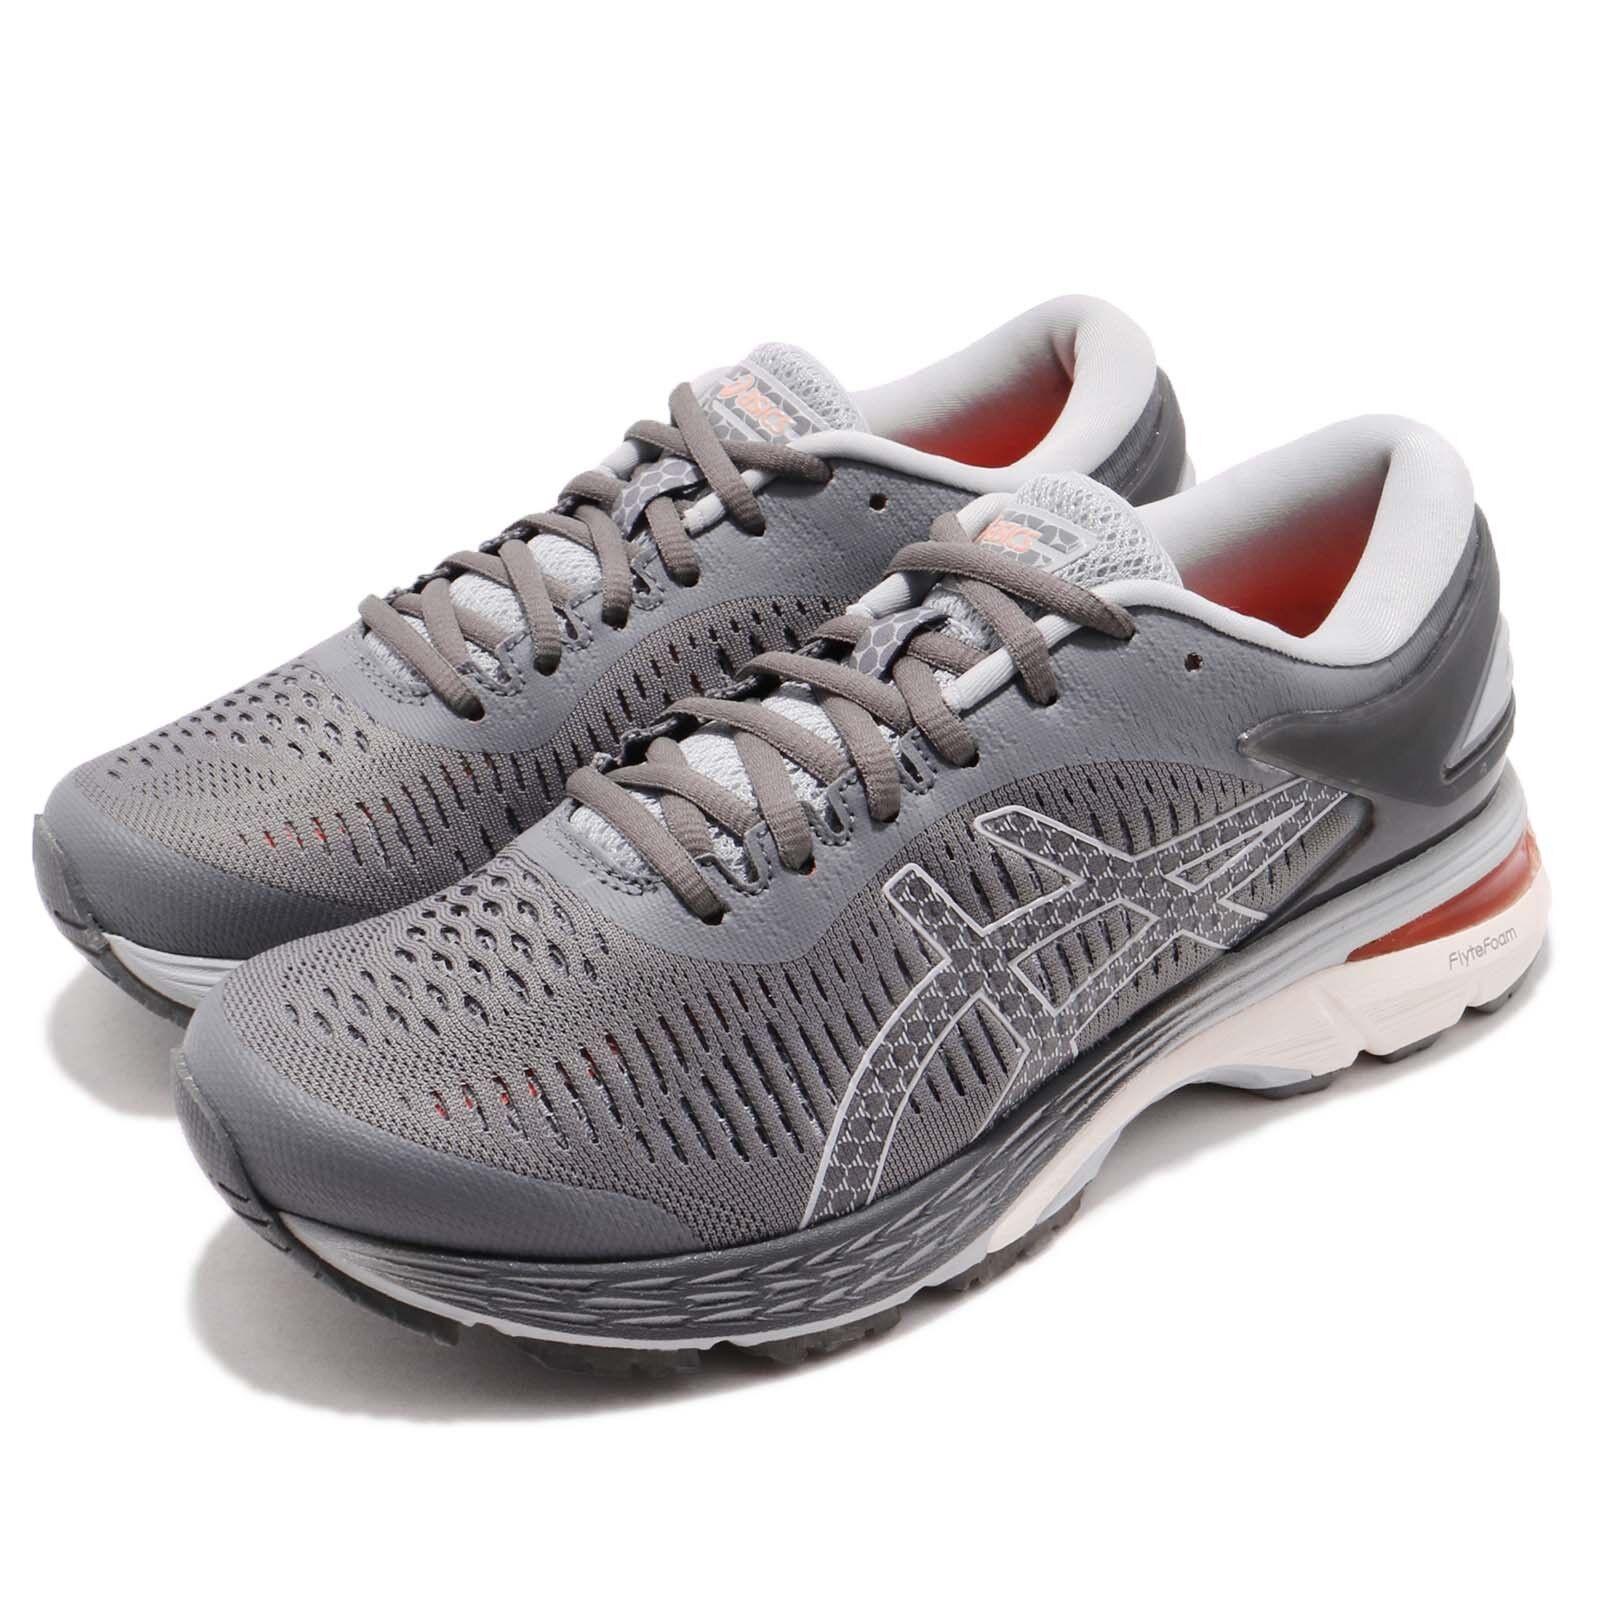 Asics GelKayano 25 Carbon grigio bianca donna Running scarpe scarpe da ginnastica 1012A026020